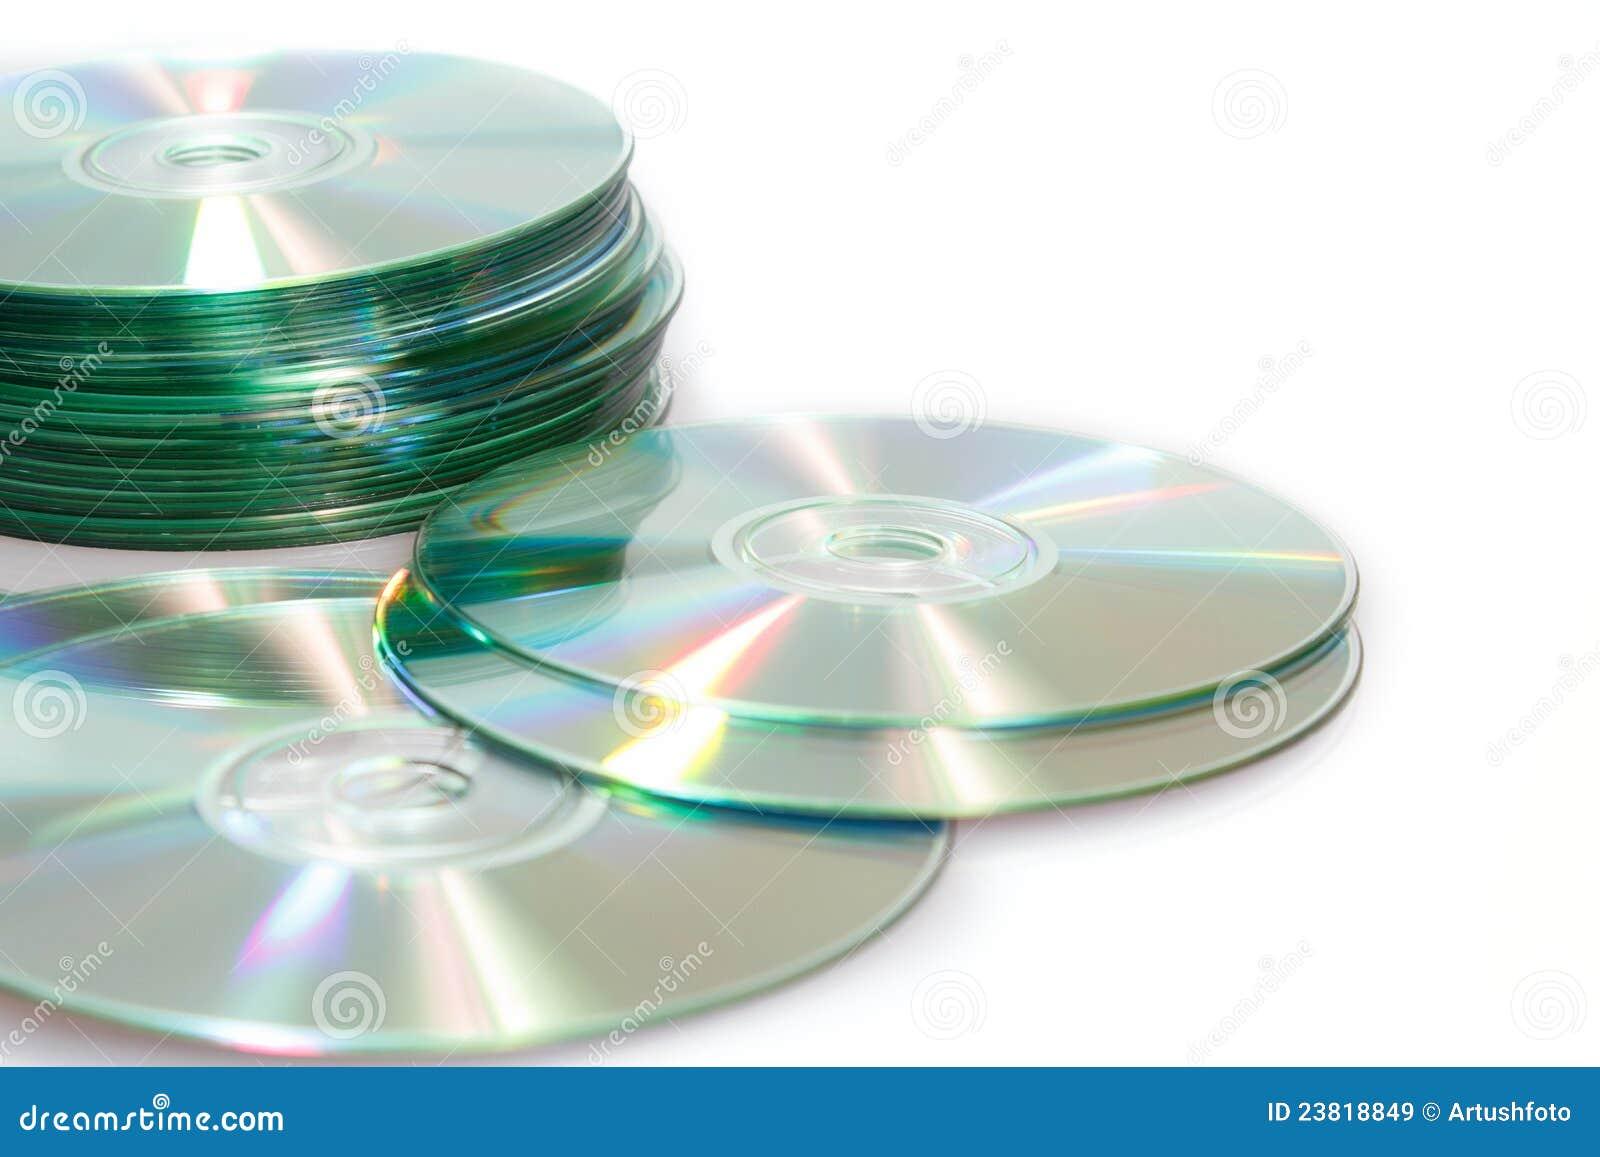 Compacts-disc cd em um fundo branco